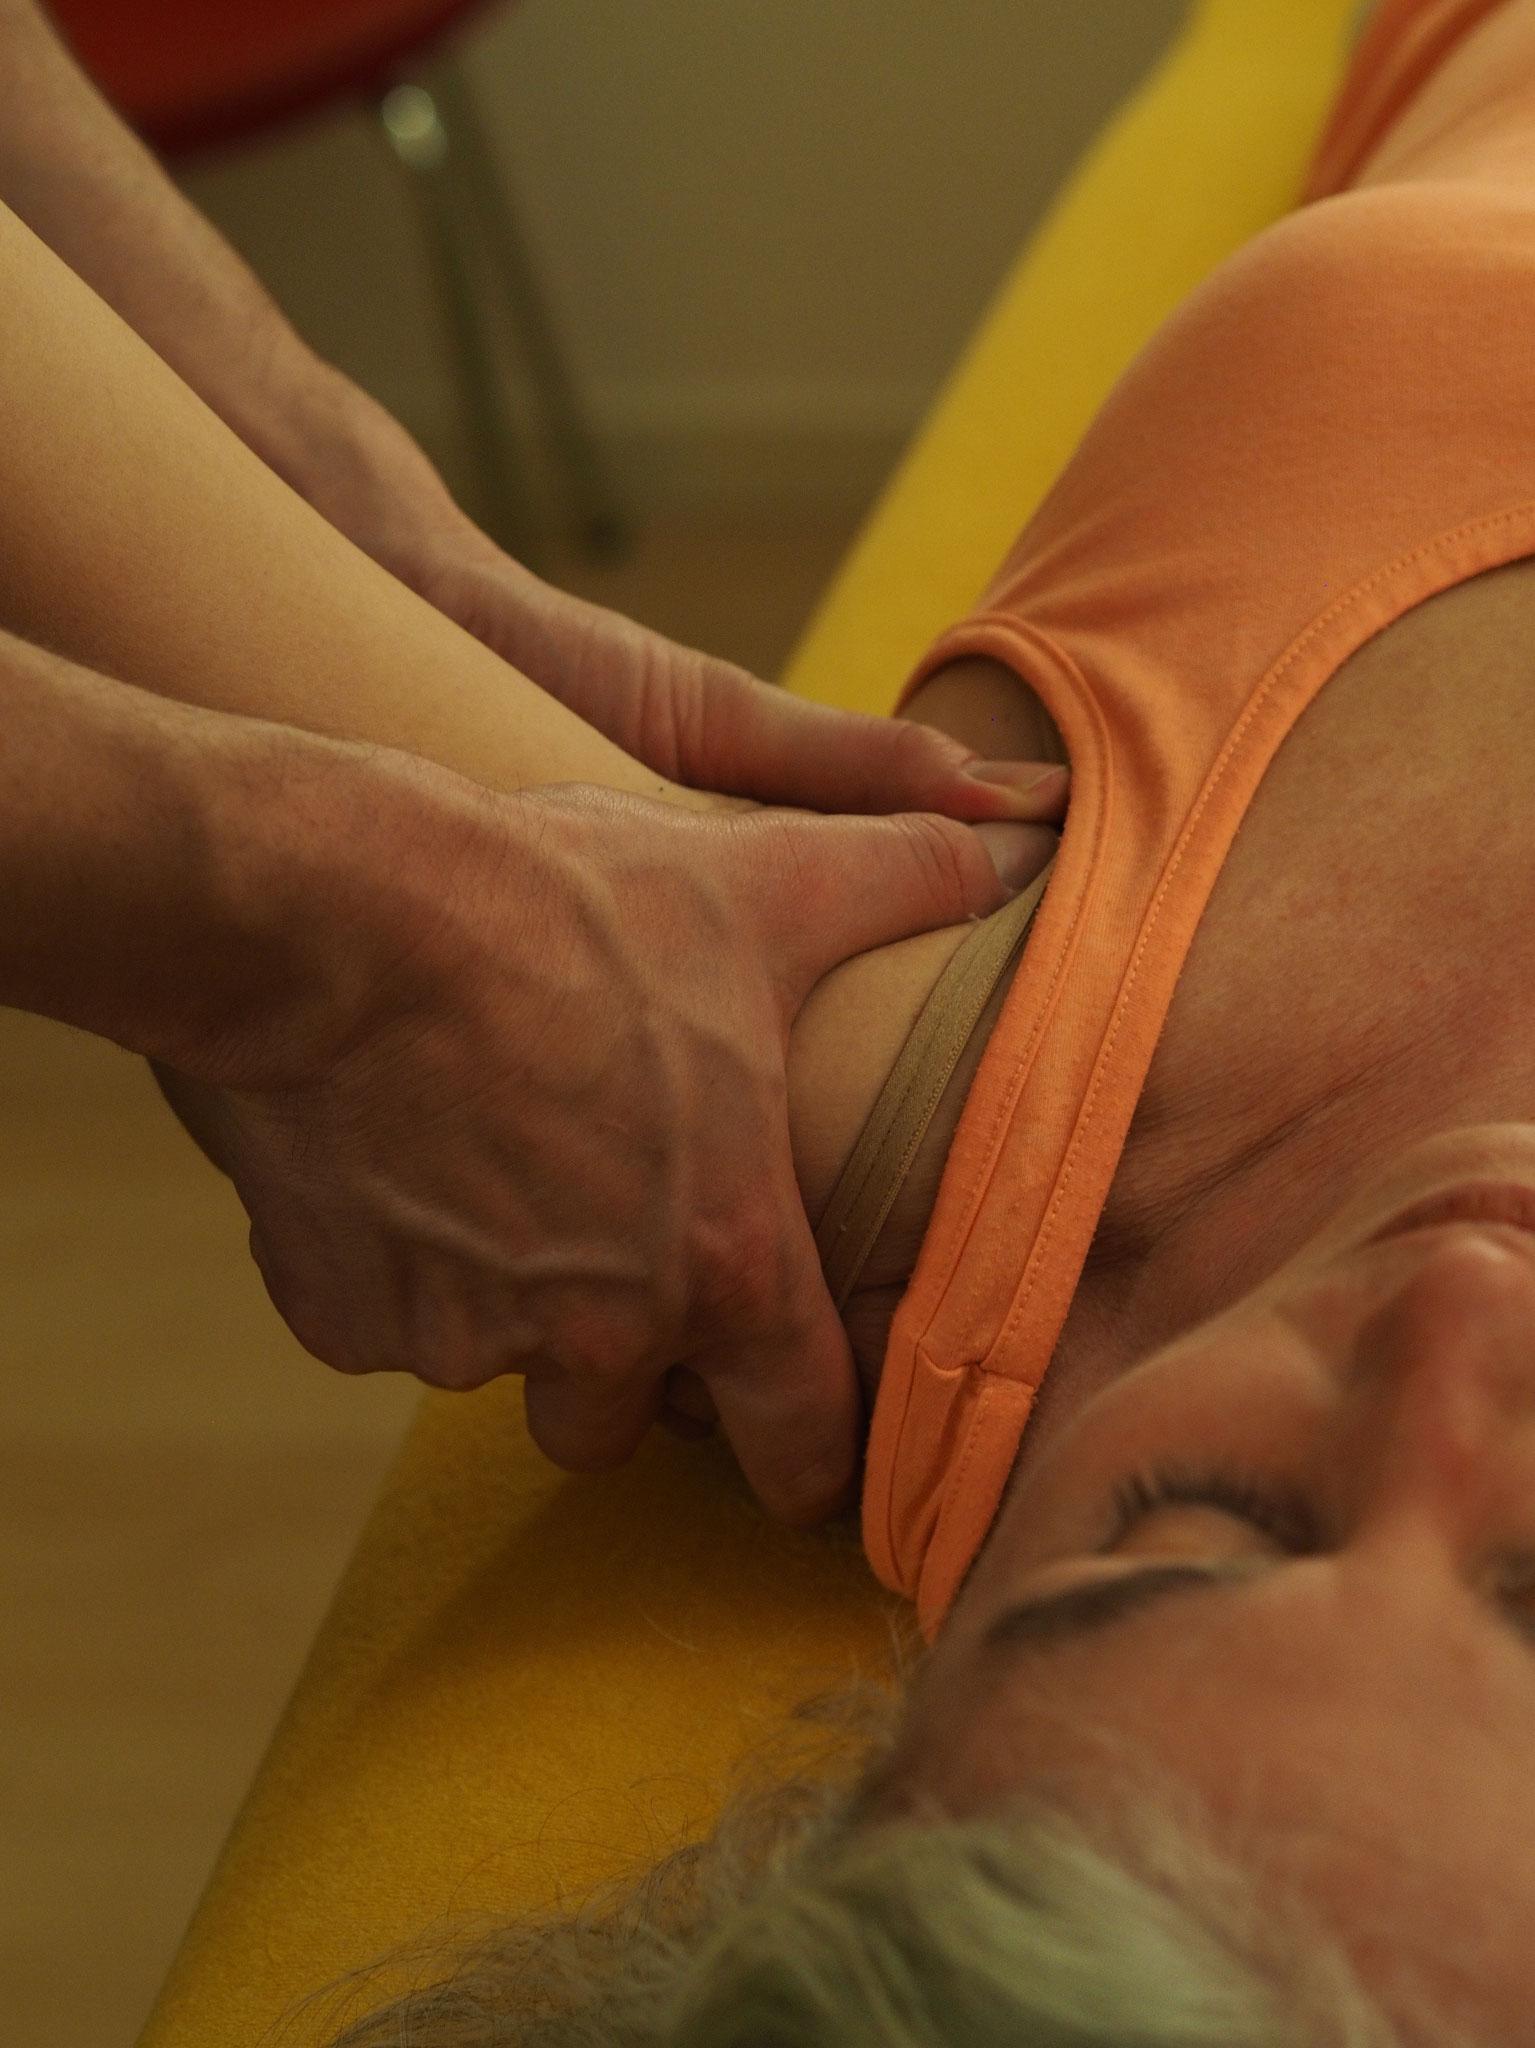 Schultergelenksmobilisation